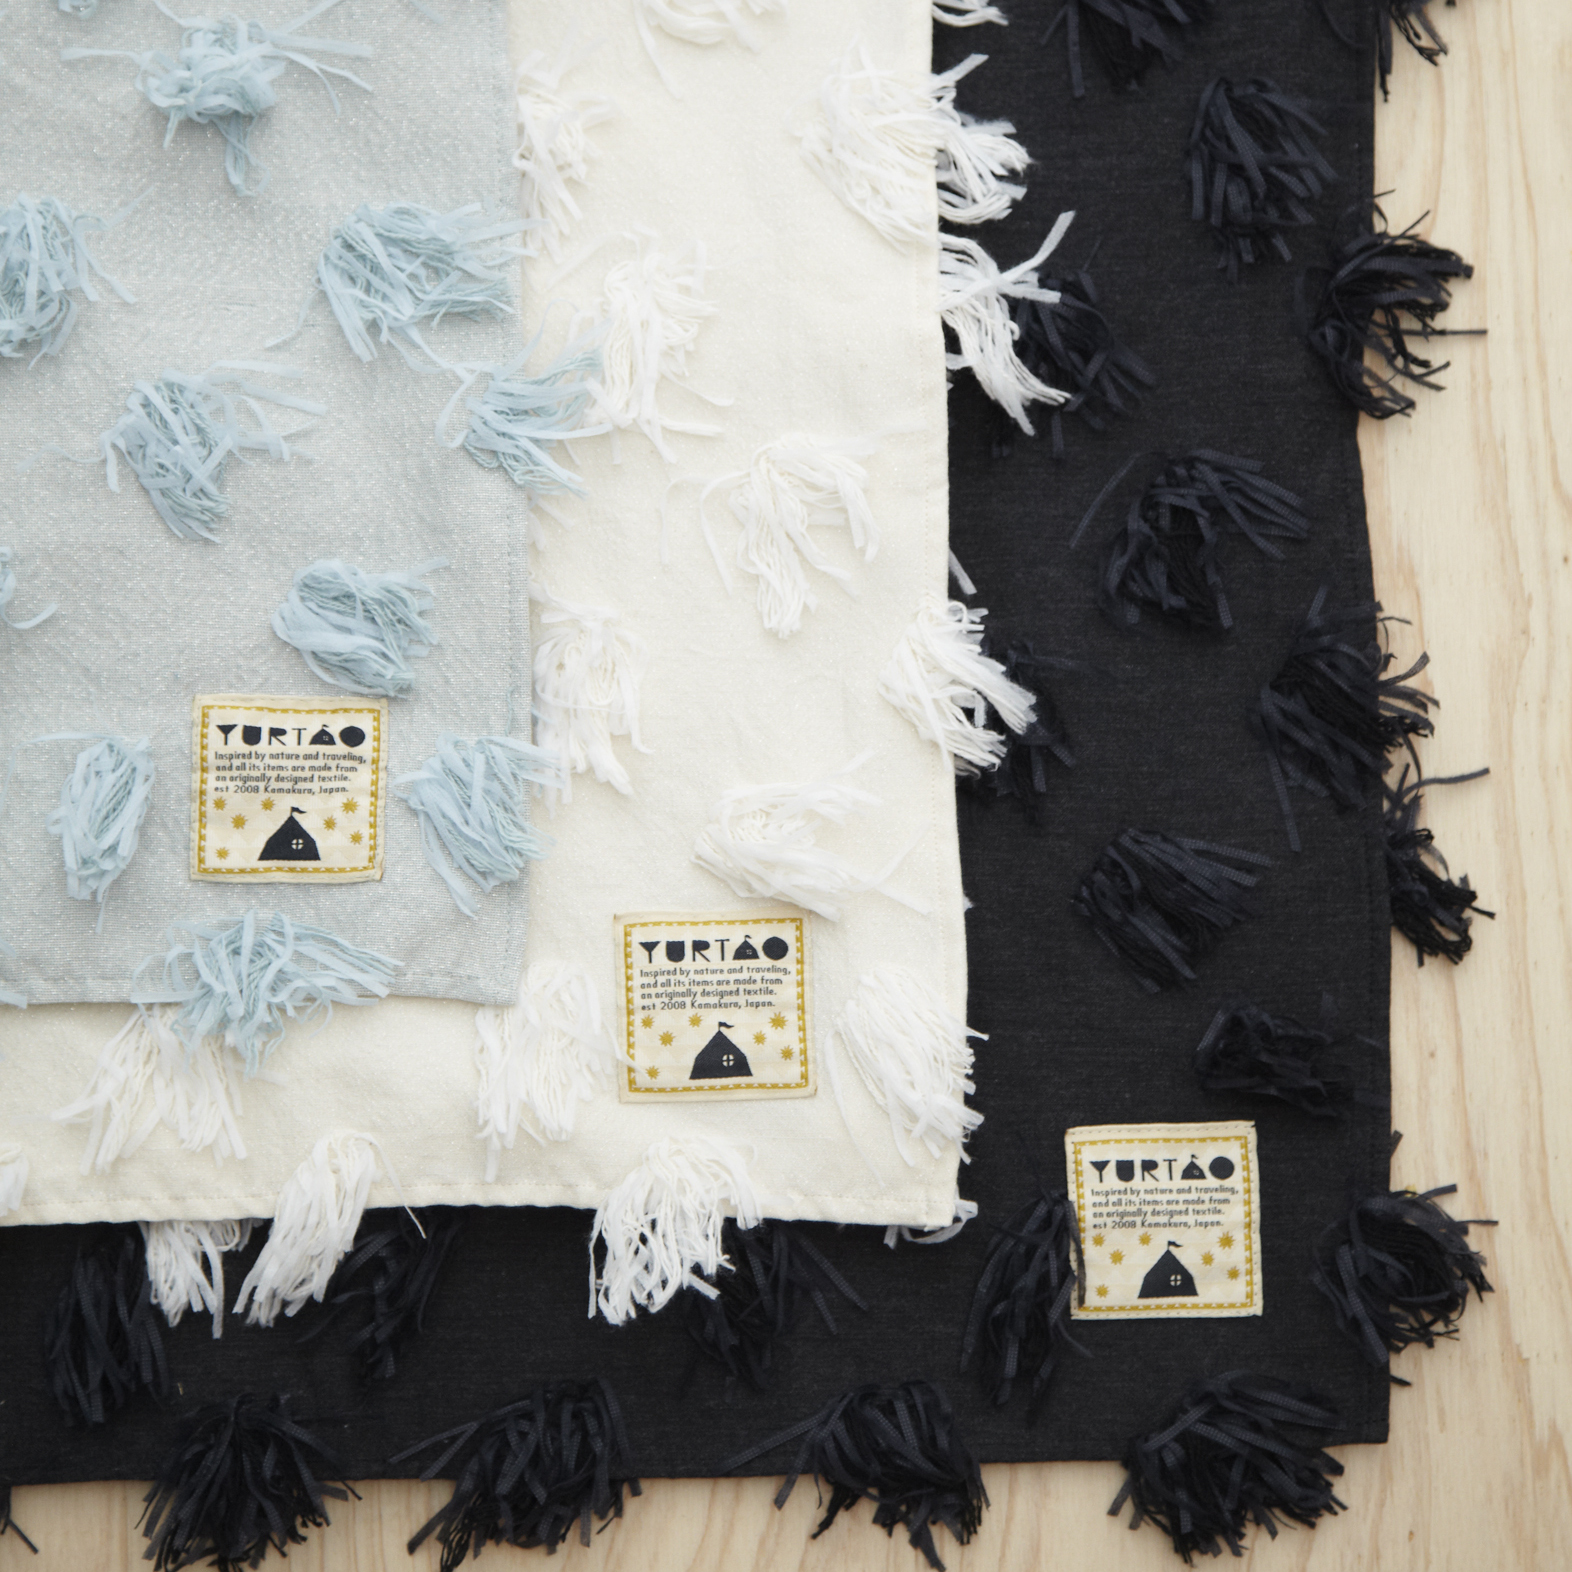 今期の新作のテキスタイルです。 綿毛がぽんぽんと並んでいて首元に程よいボリュームとアクセントを演出できます。 コットンなので春や秋にも便利なストールです。